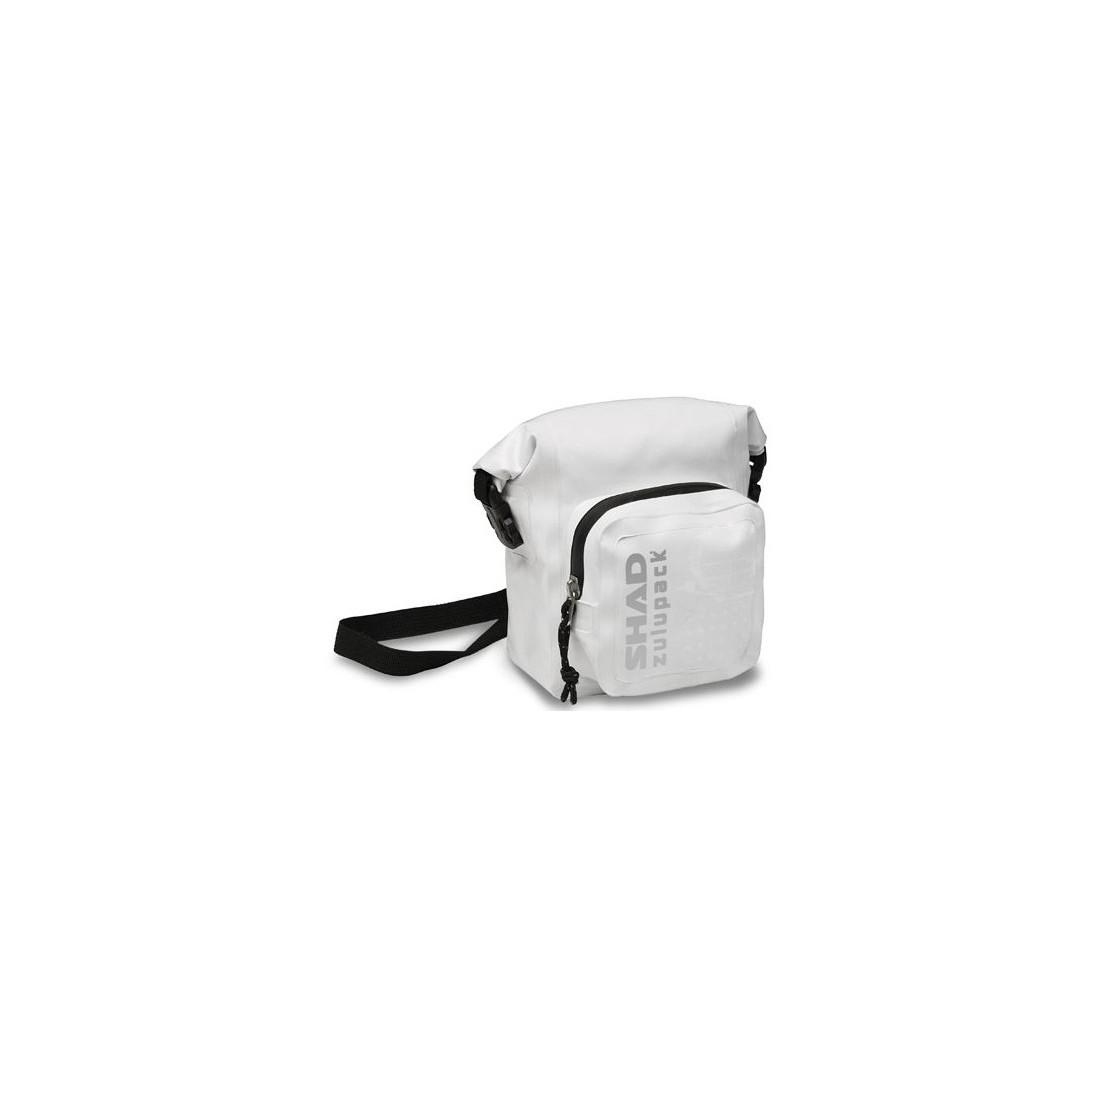 Bolsa Pequeña Impermeable Shad SW05 Blanco